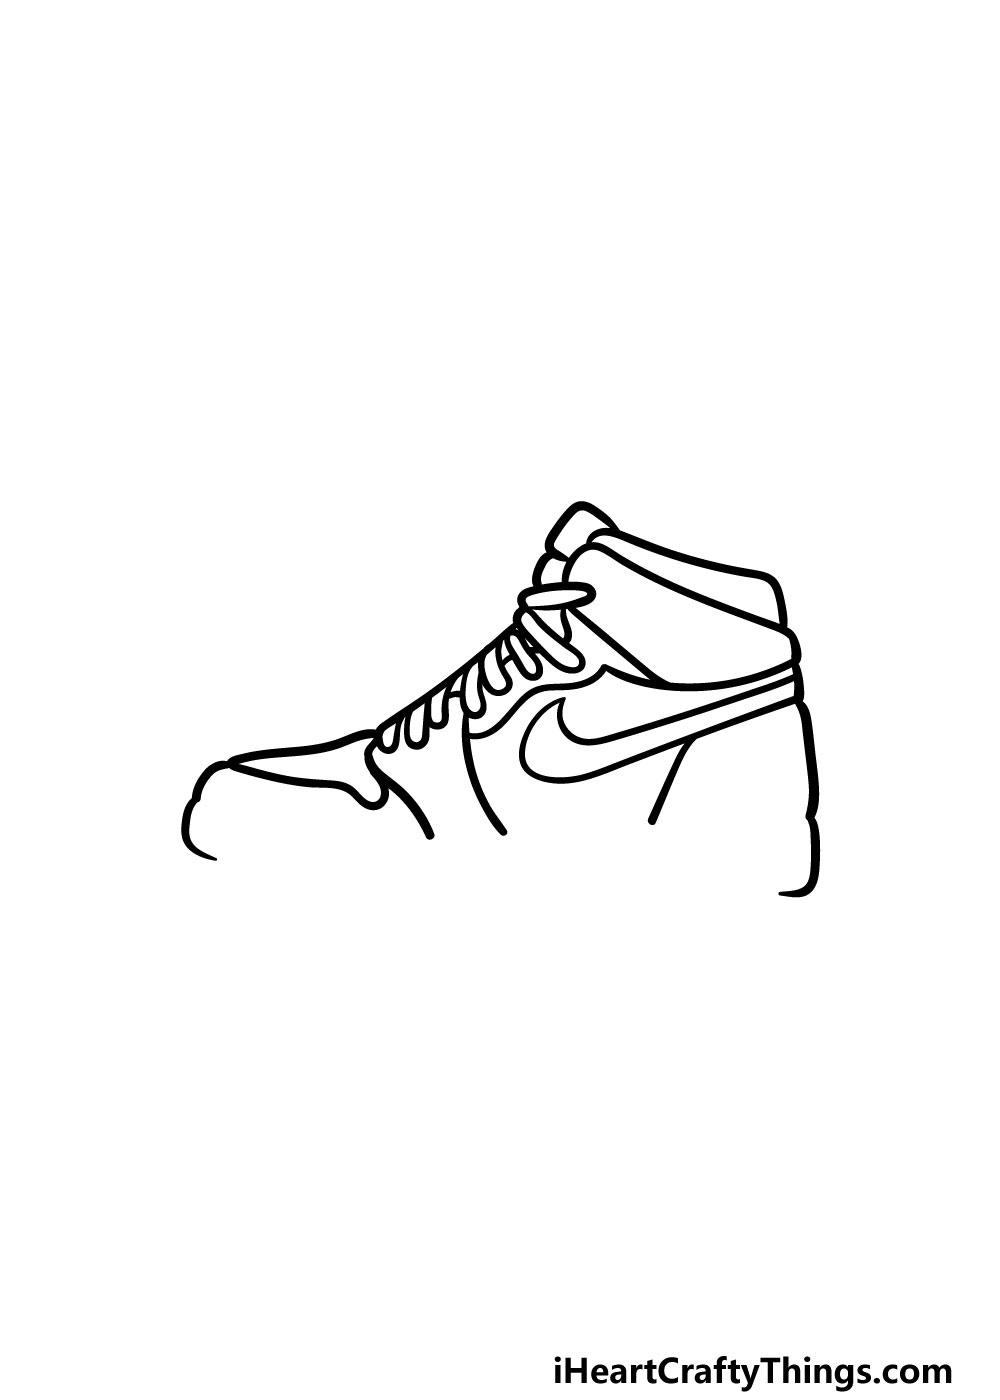 drawing air jordan shoes step 5